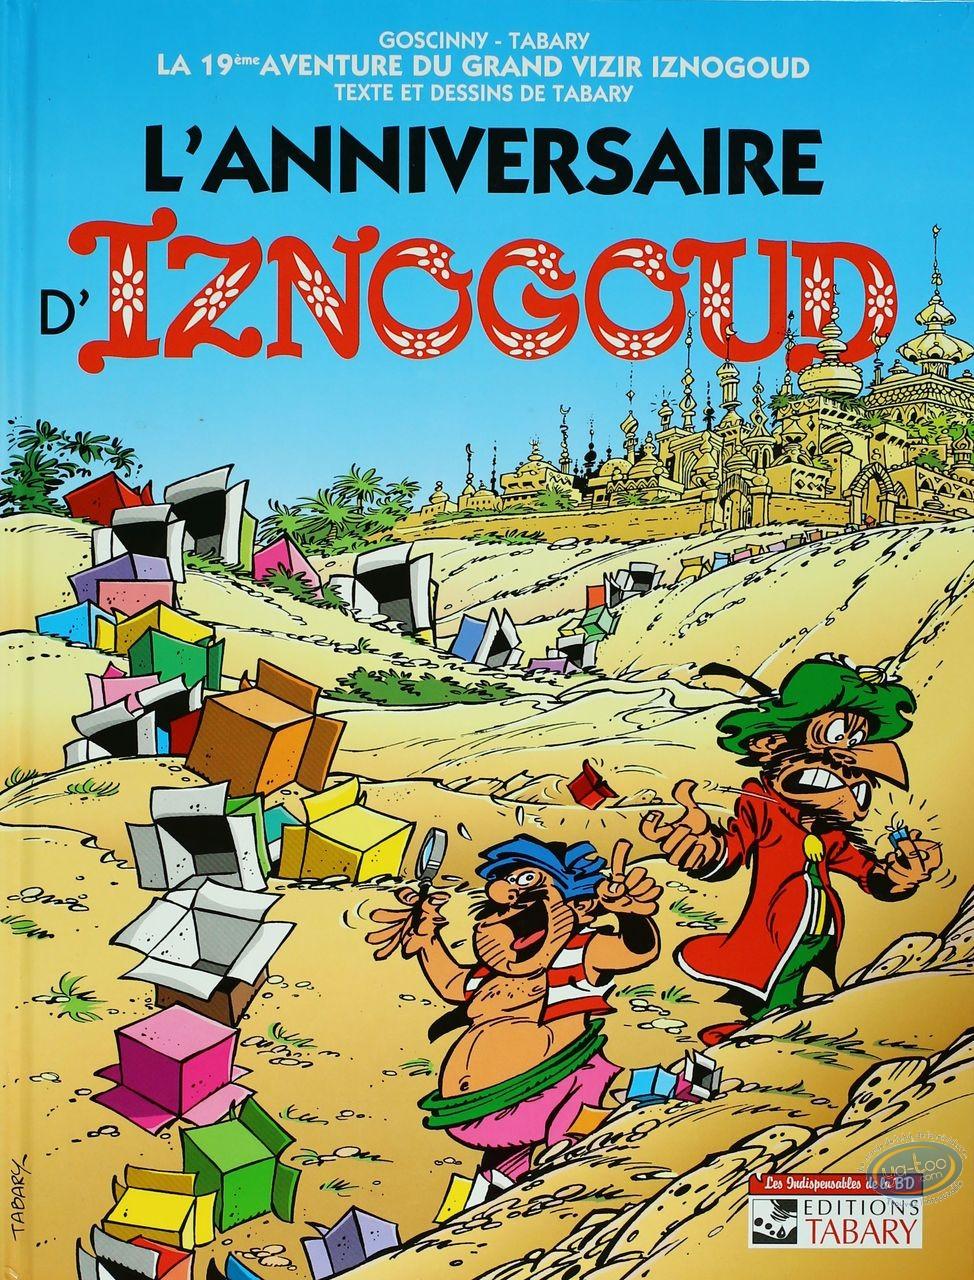 BD prix réduit, Iznogoud : L'anniversaire d'Iznogoud - Les aventures du grand vizir Iznogoud Tome 19